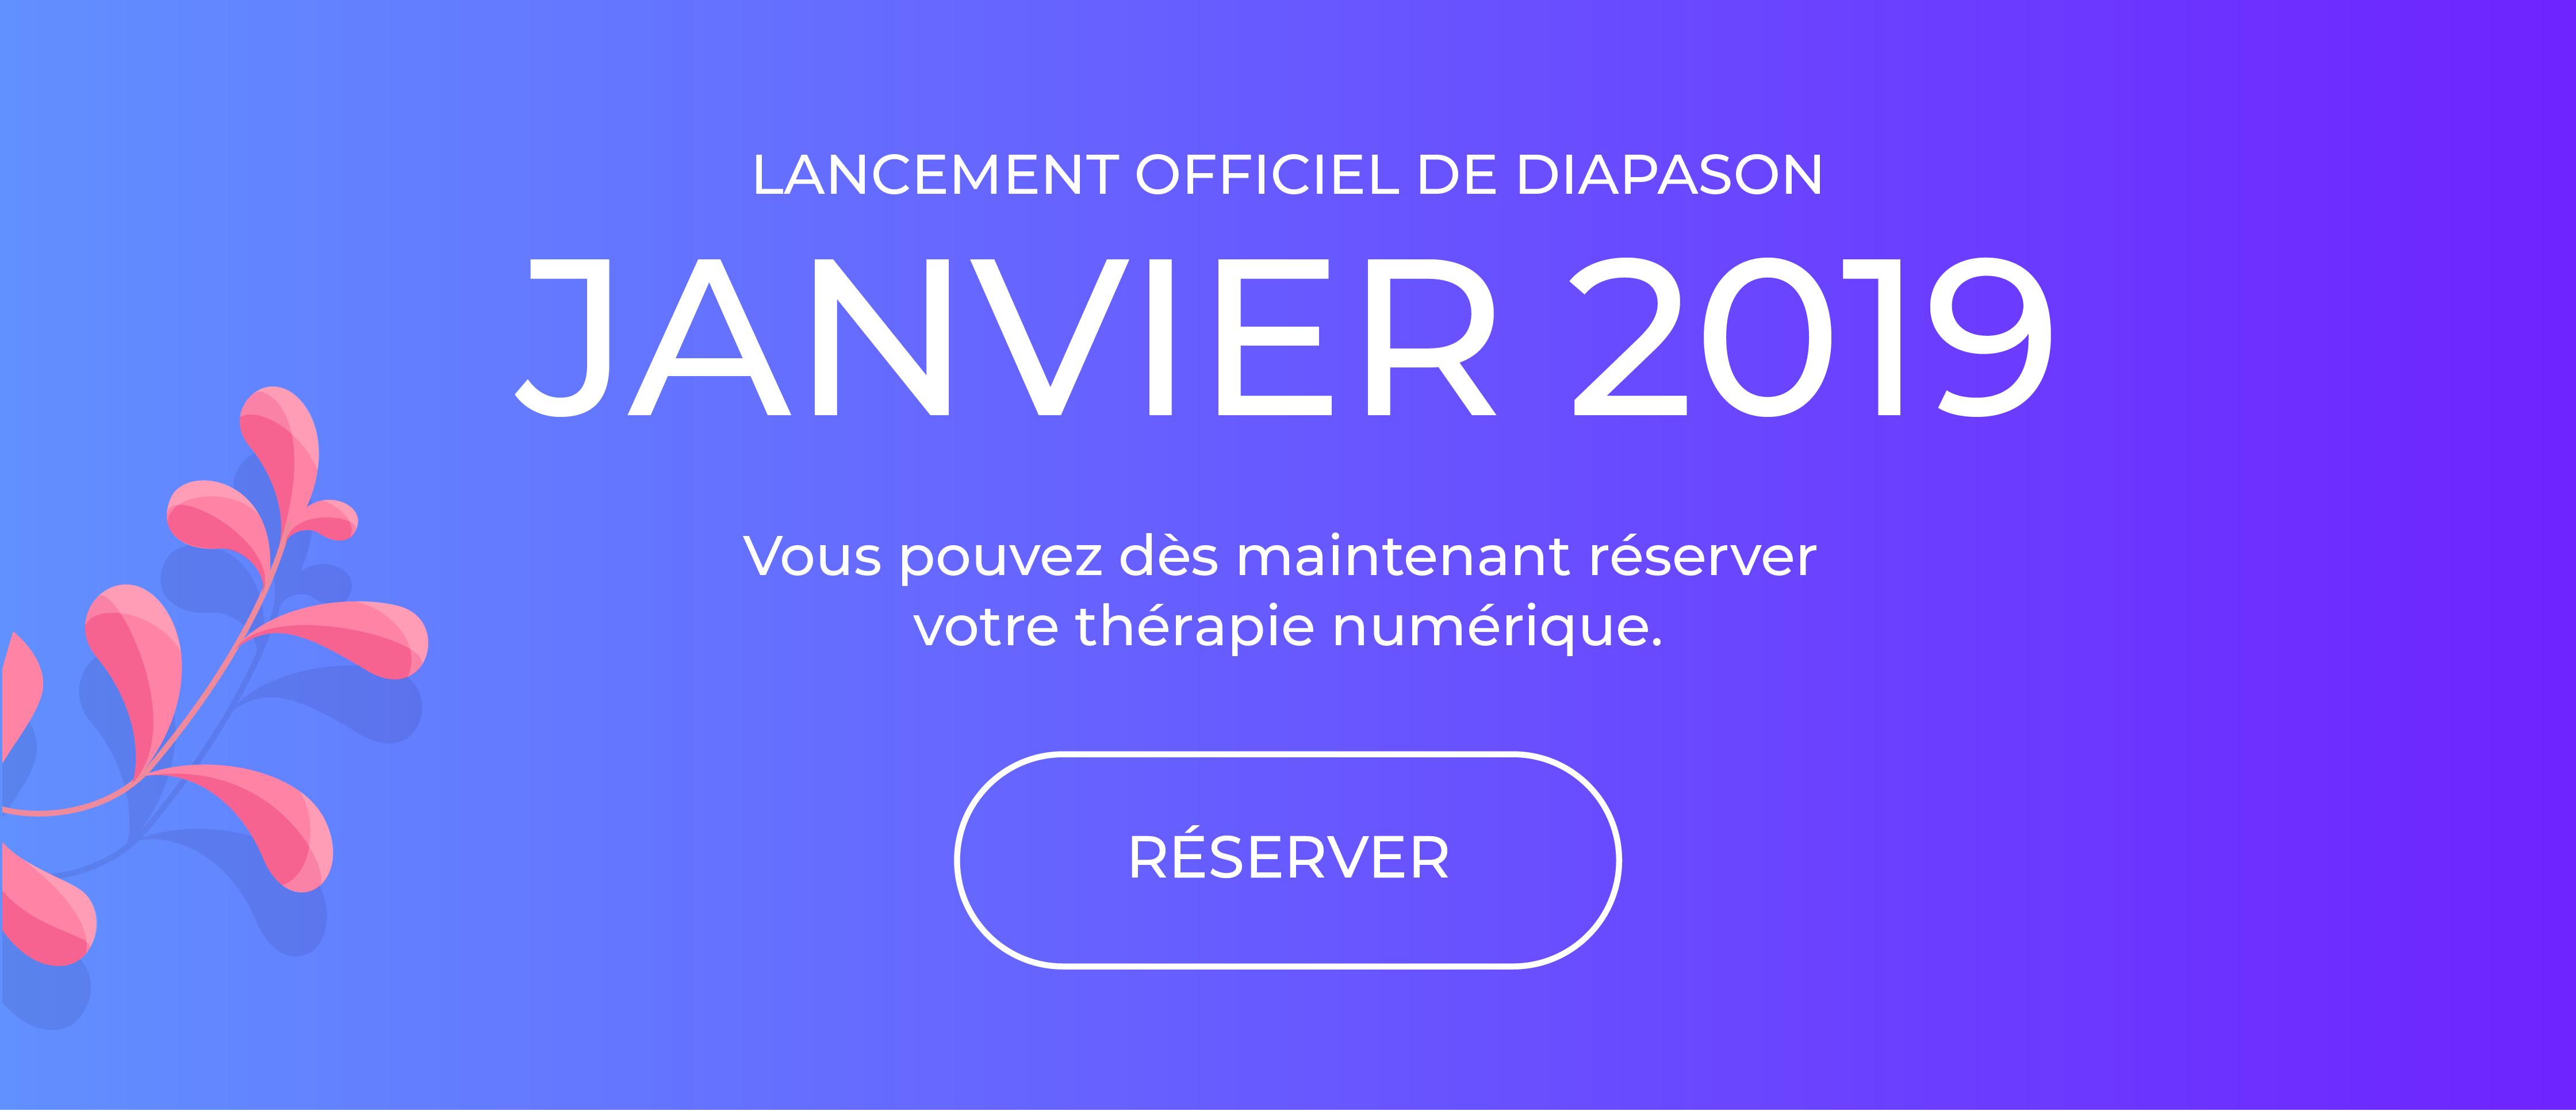 L'application Diapason sera lancée officiellement en janvier 2019